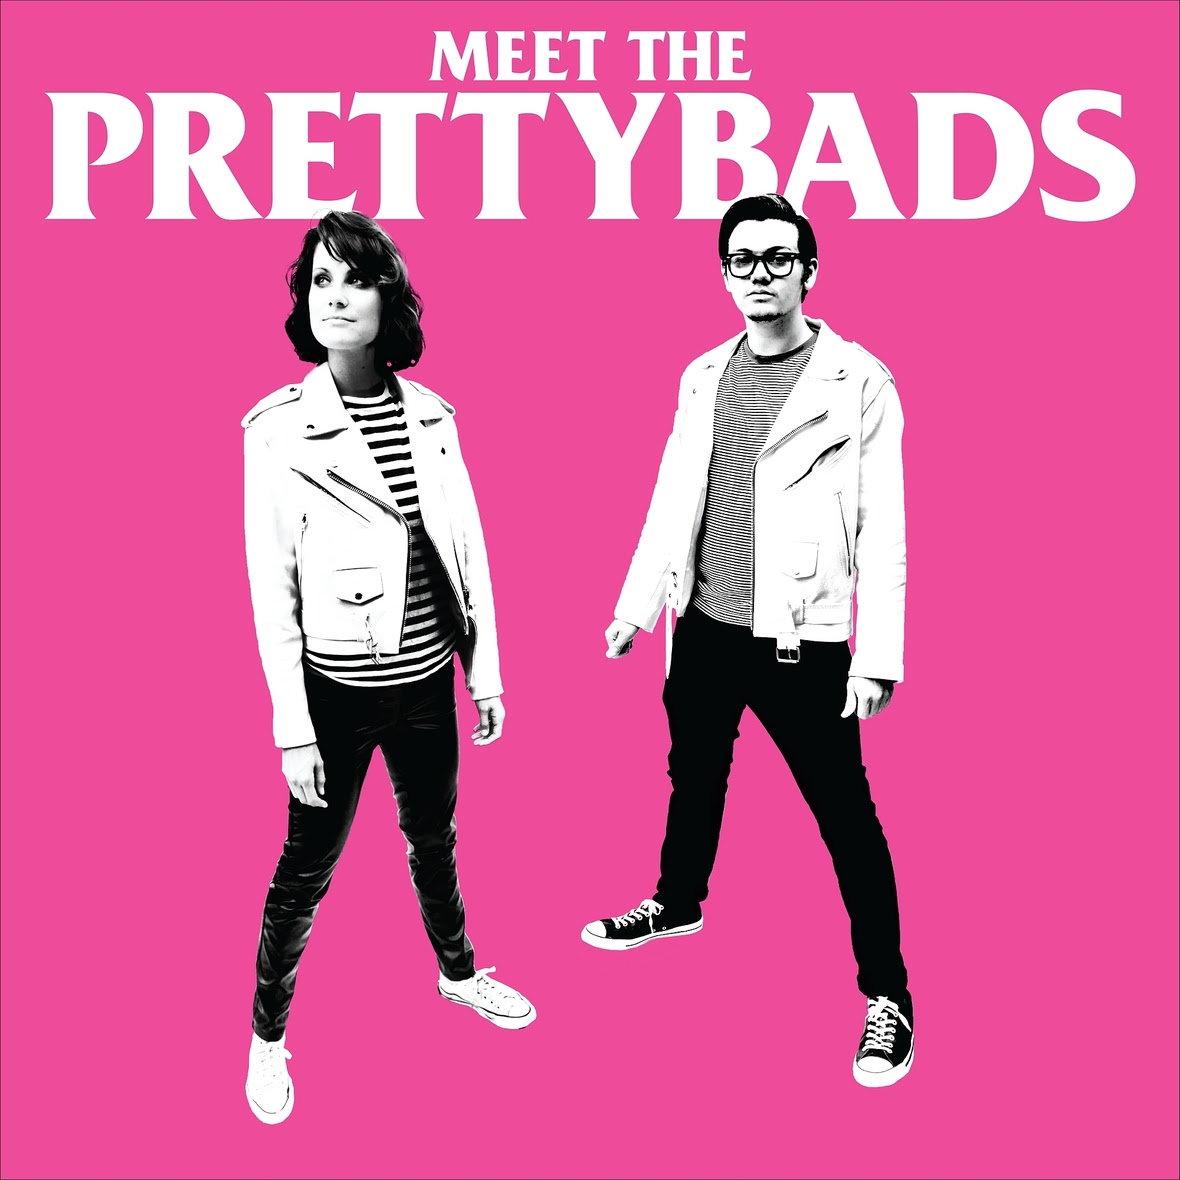 meet the pretty bads